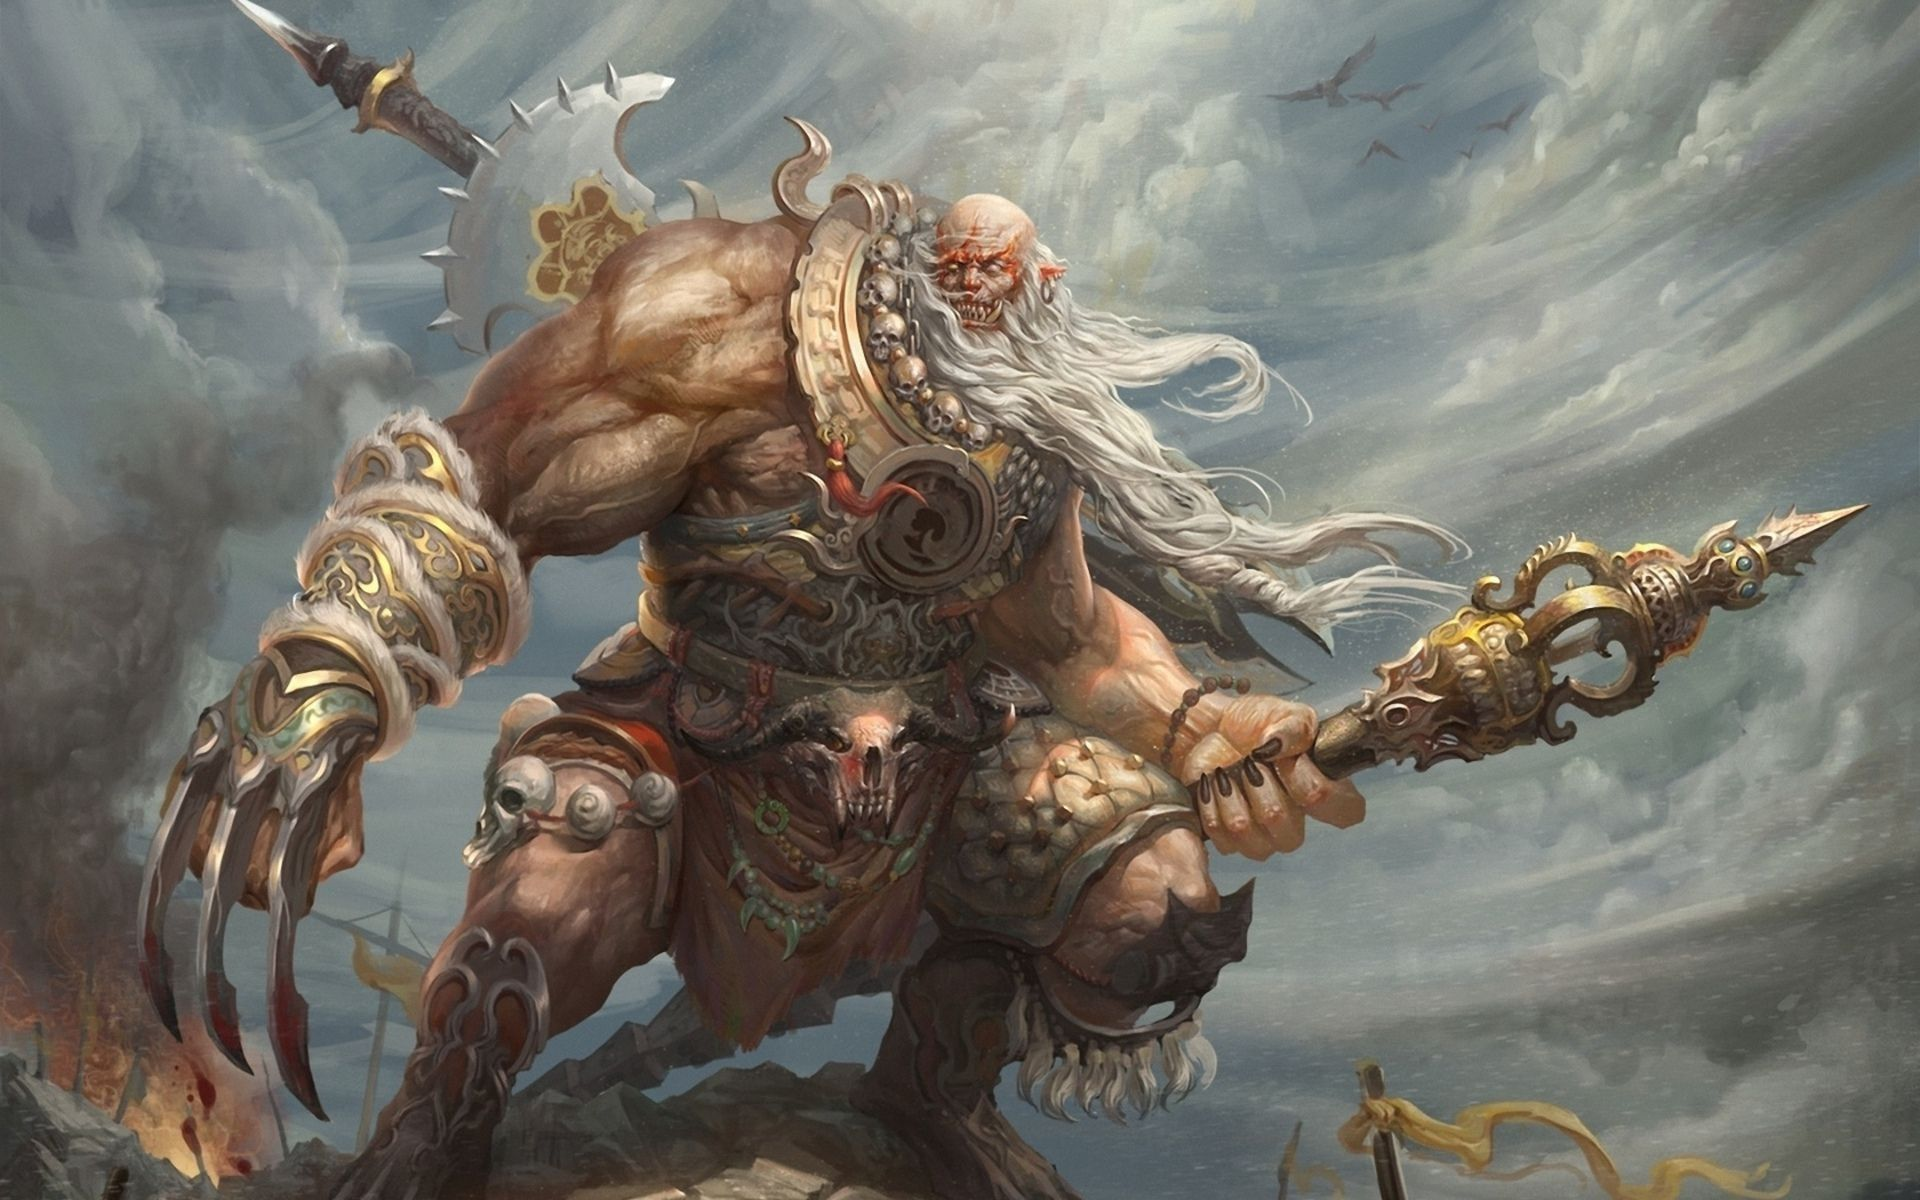 Giant Warrior Free Desktop Wallpaper